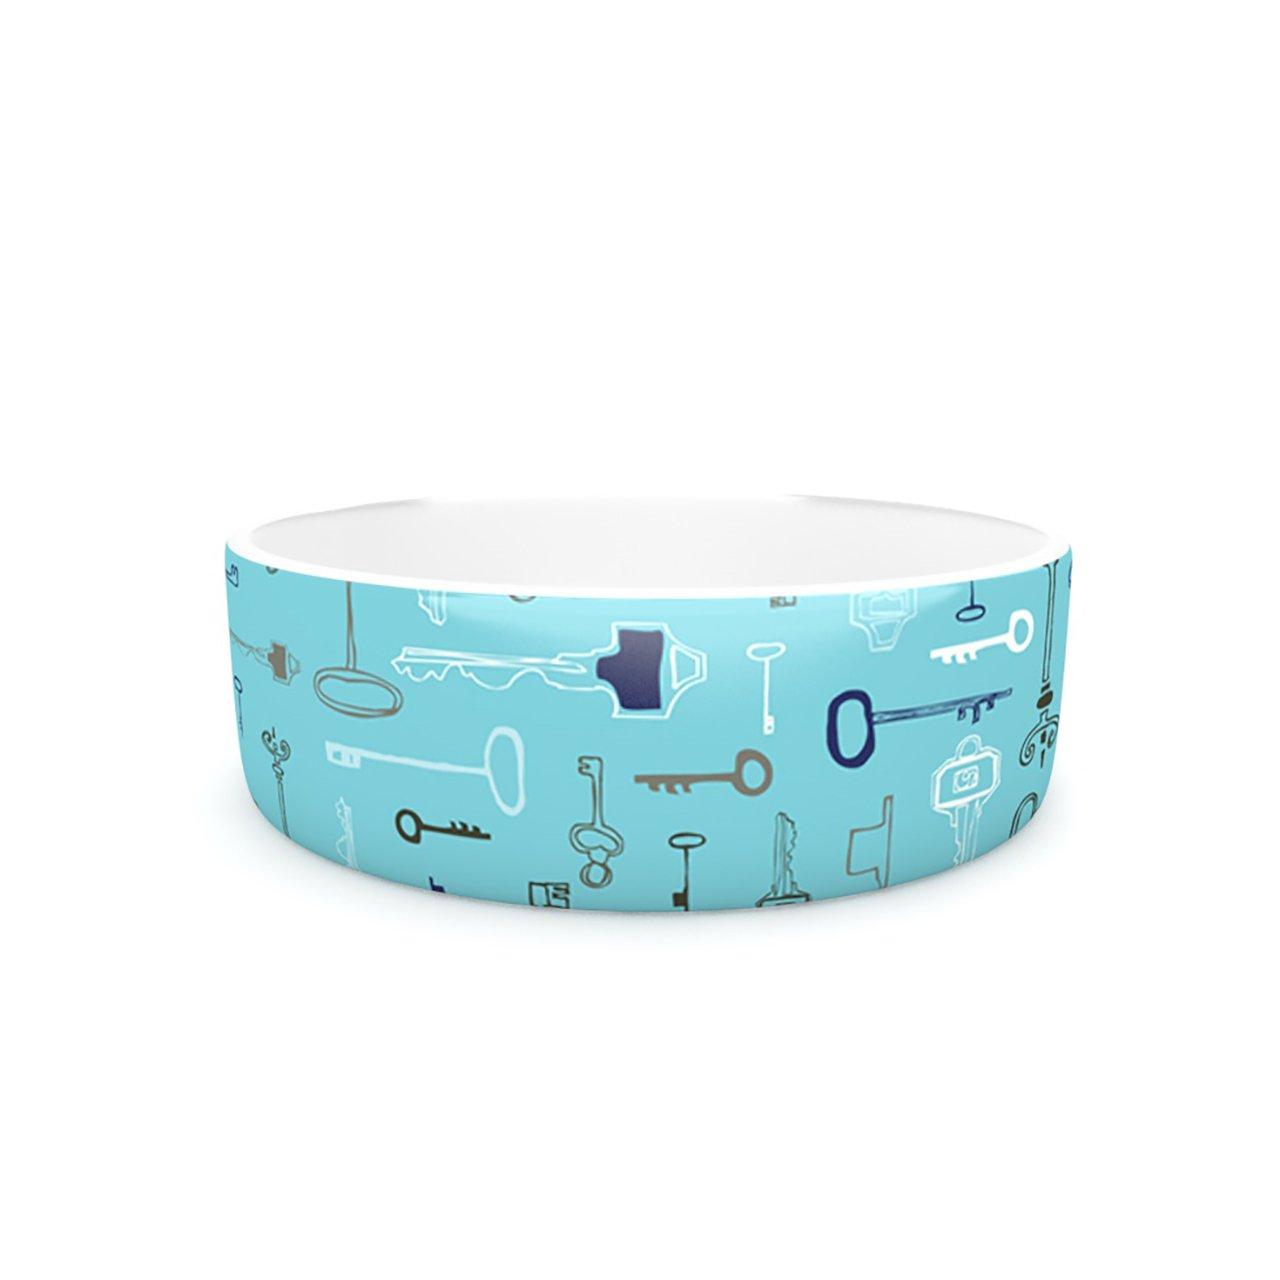 Kess InHouse Laurie Baars Keys bluee Pet Bowl, 7-Inch, Aqua